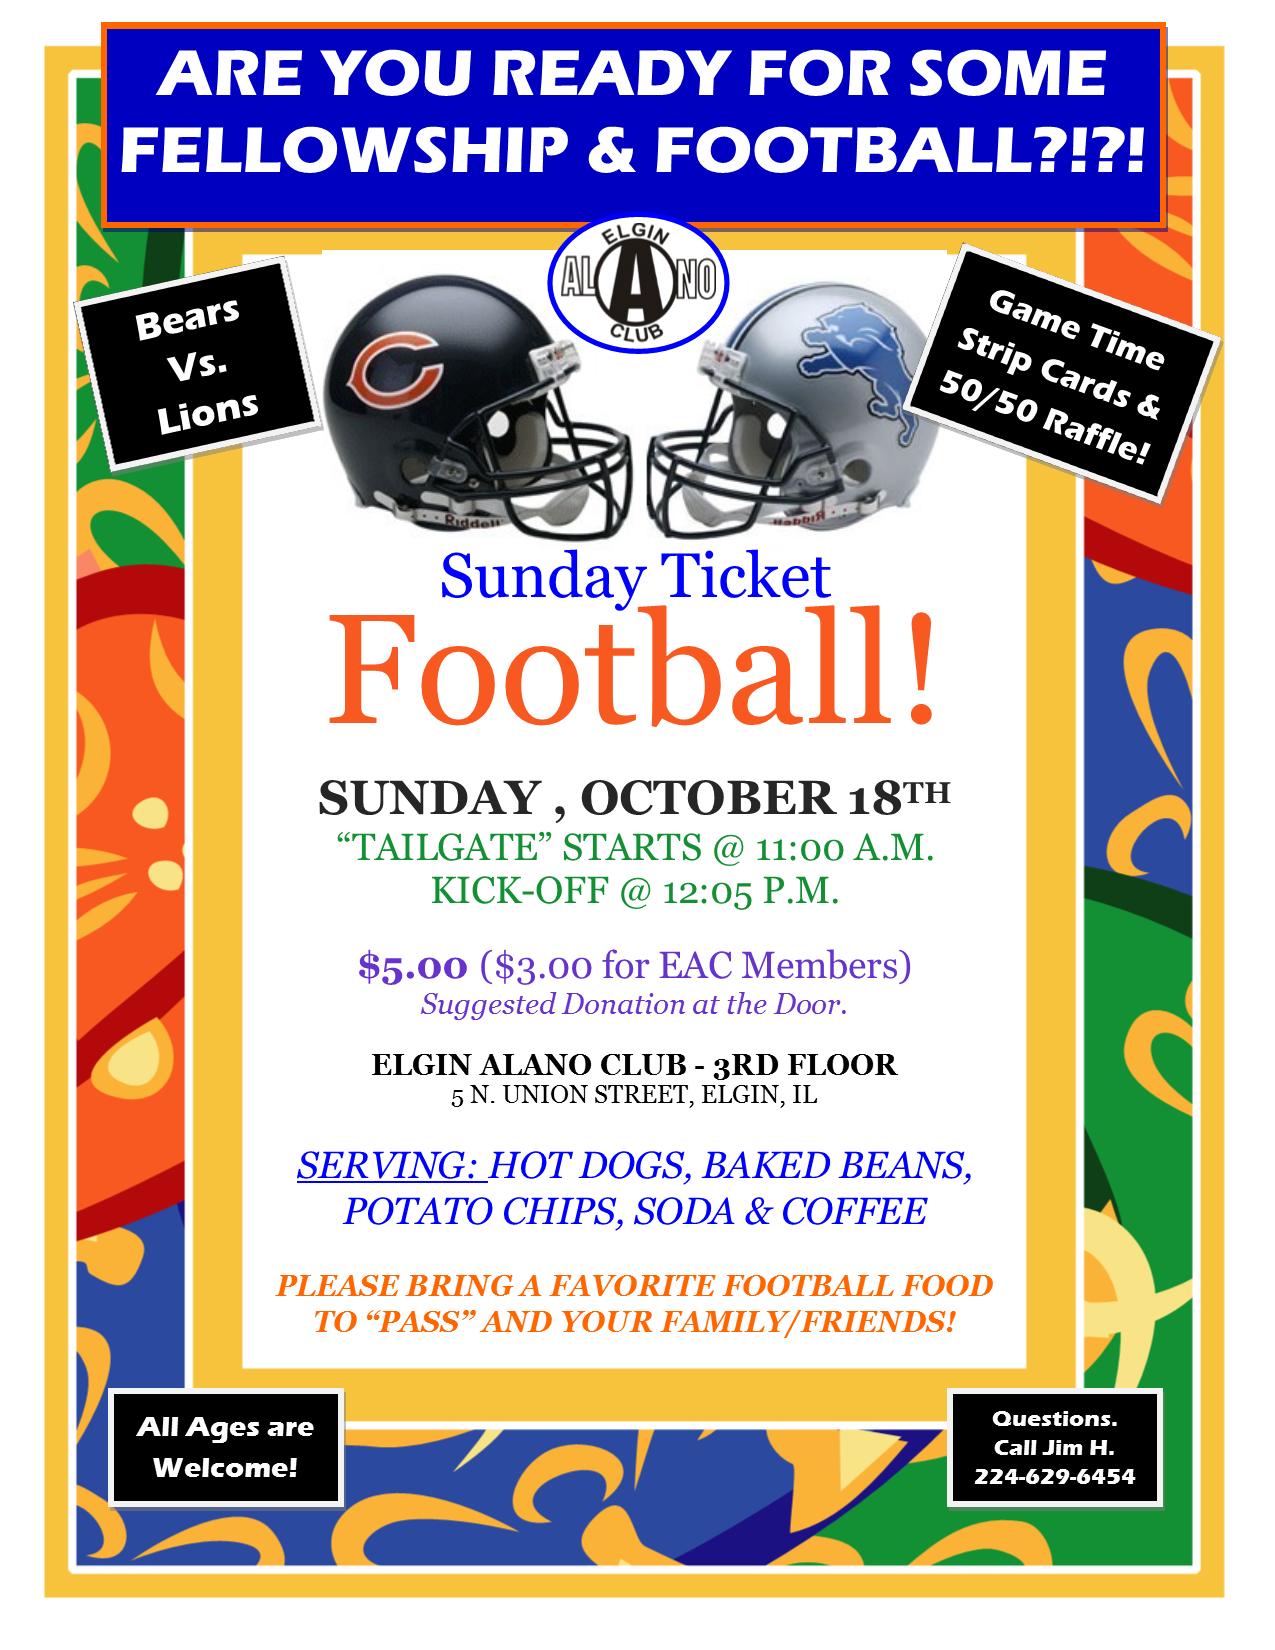 Sunday Ticket Football - Bears Vs. Lions 1